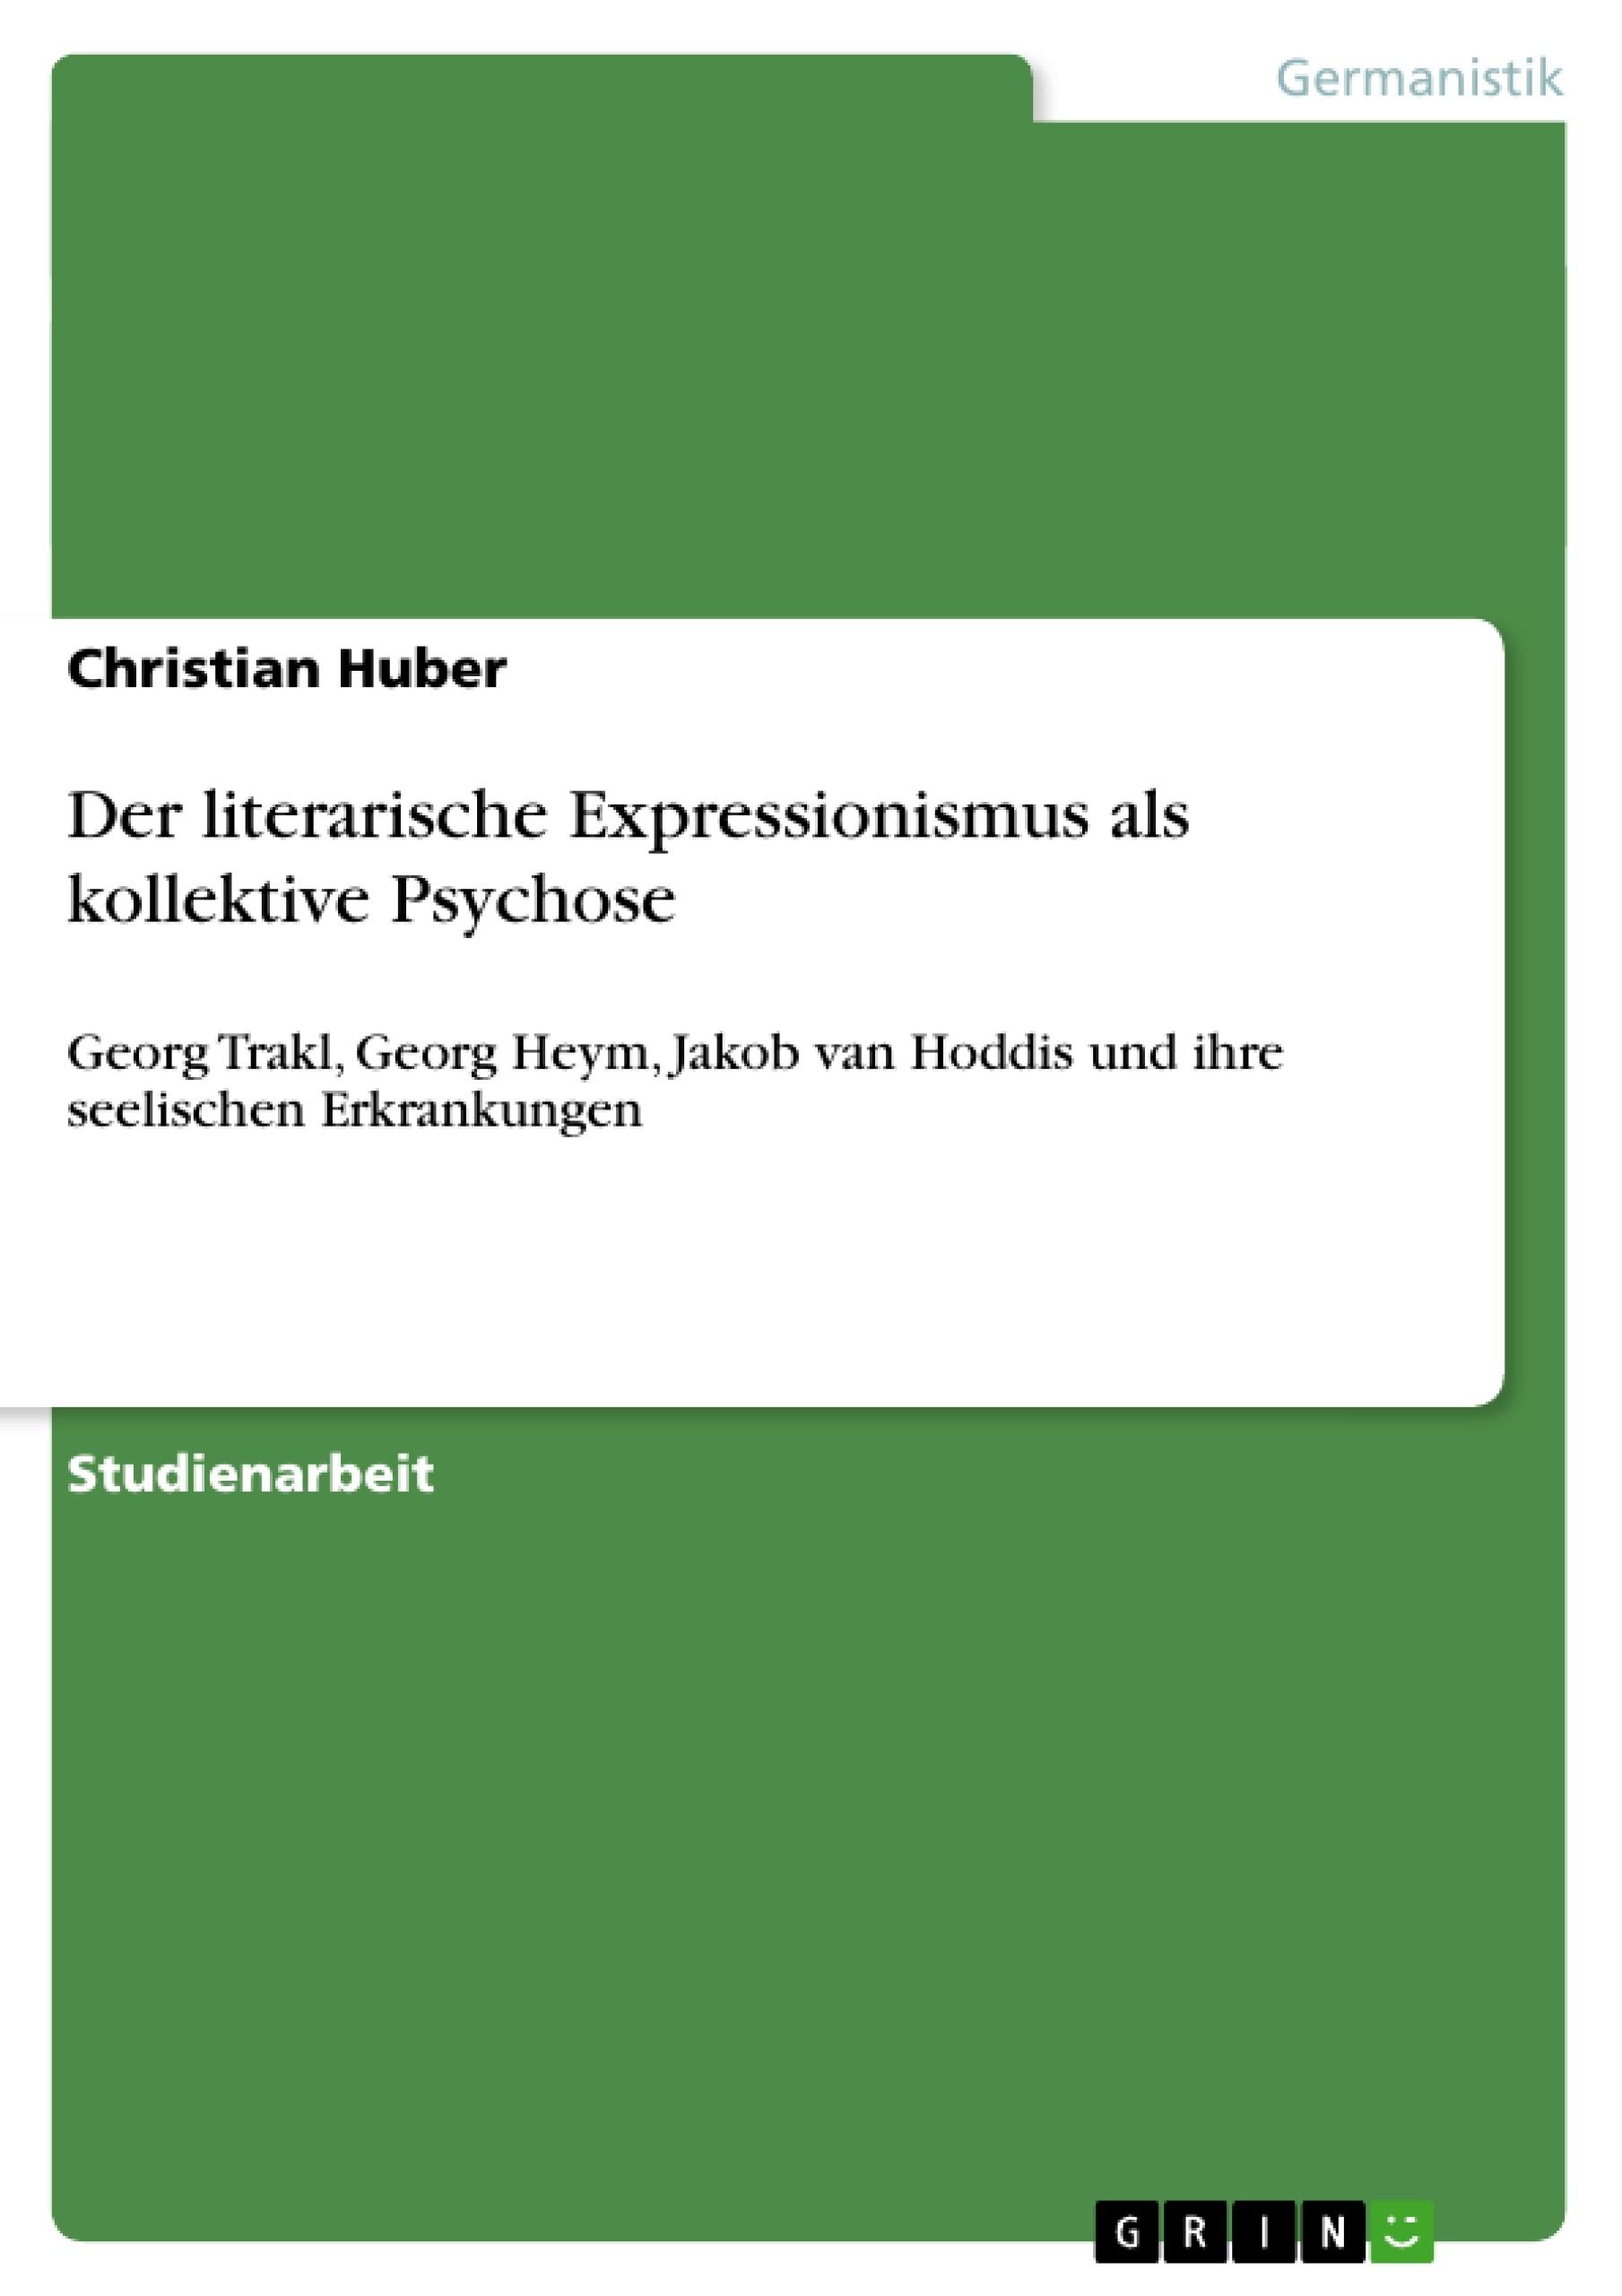 Titel: Der literarische Expressionismus als kollektive Psychose